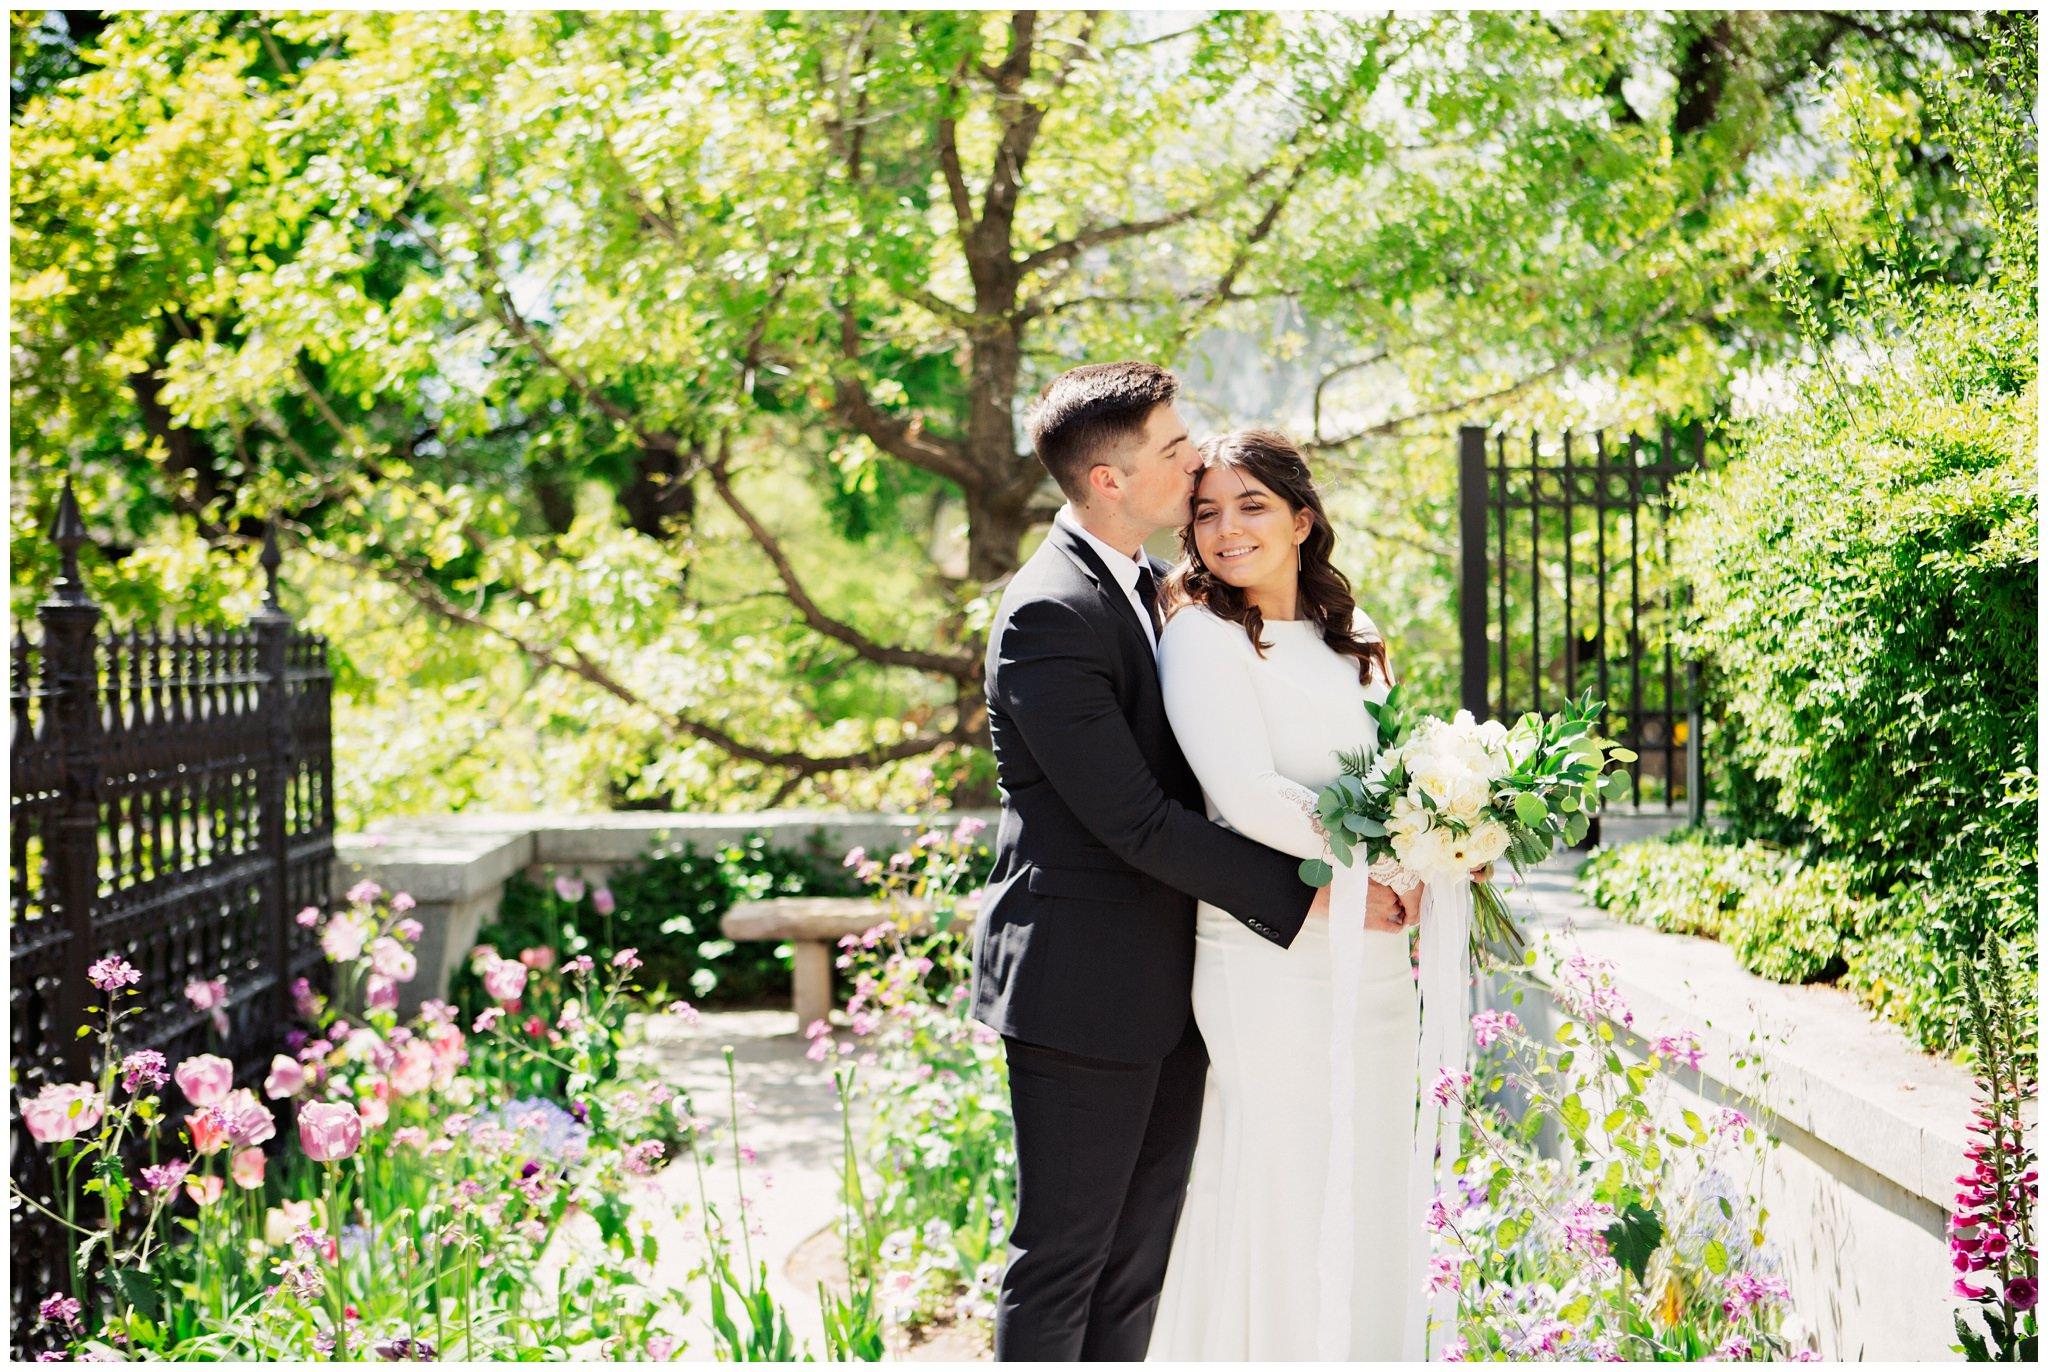 Temple Wedding photos near the flowers